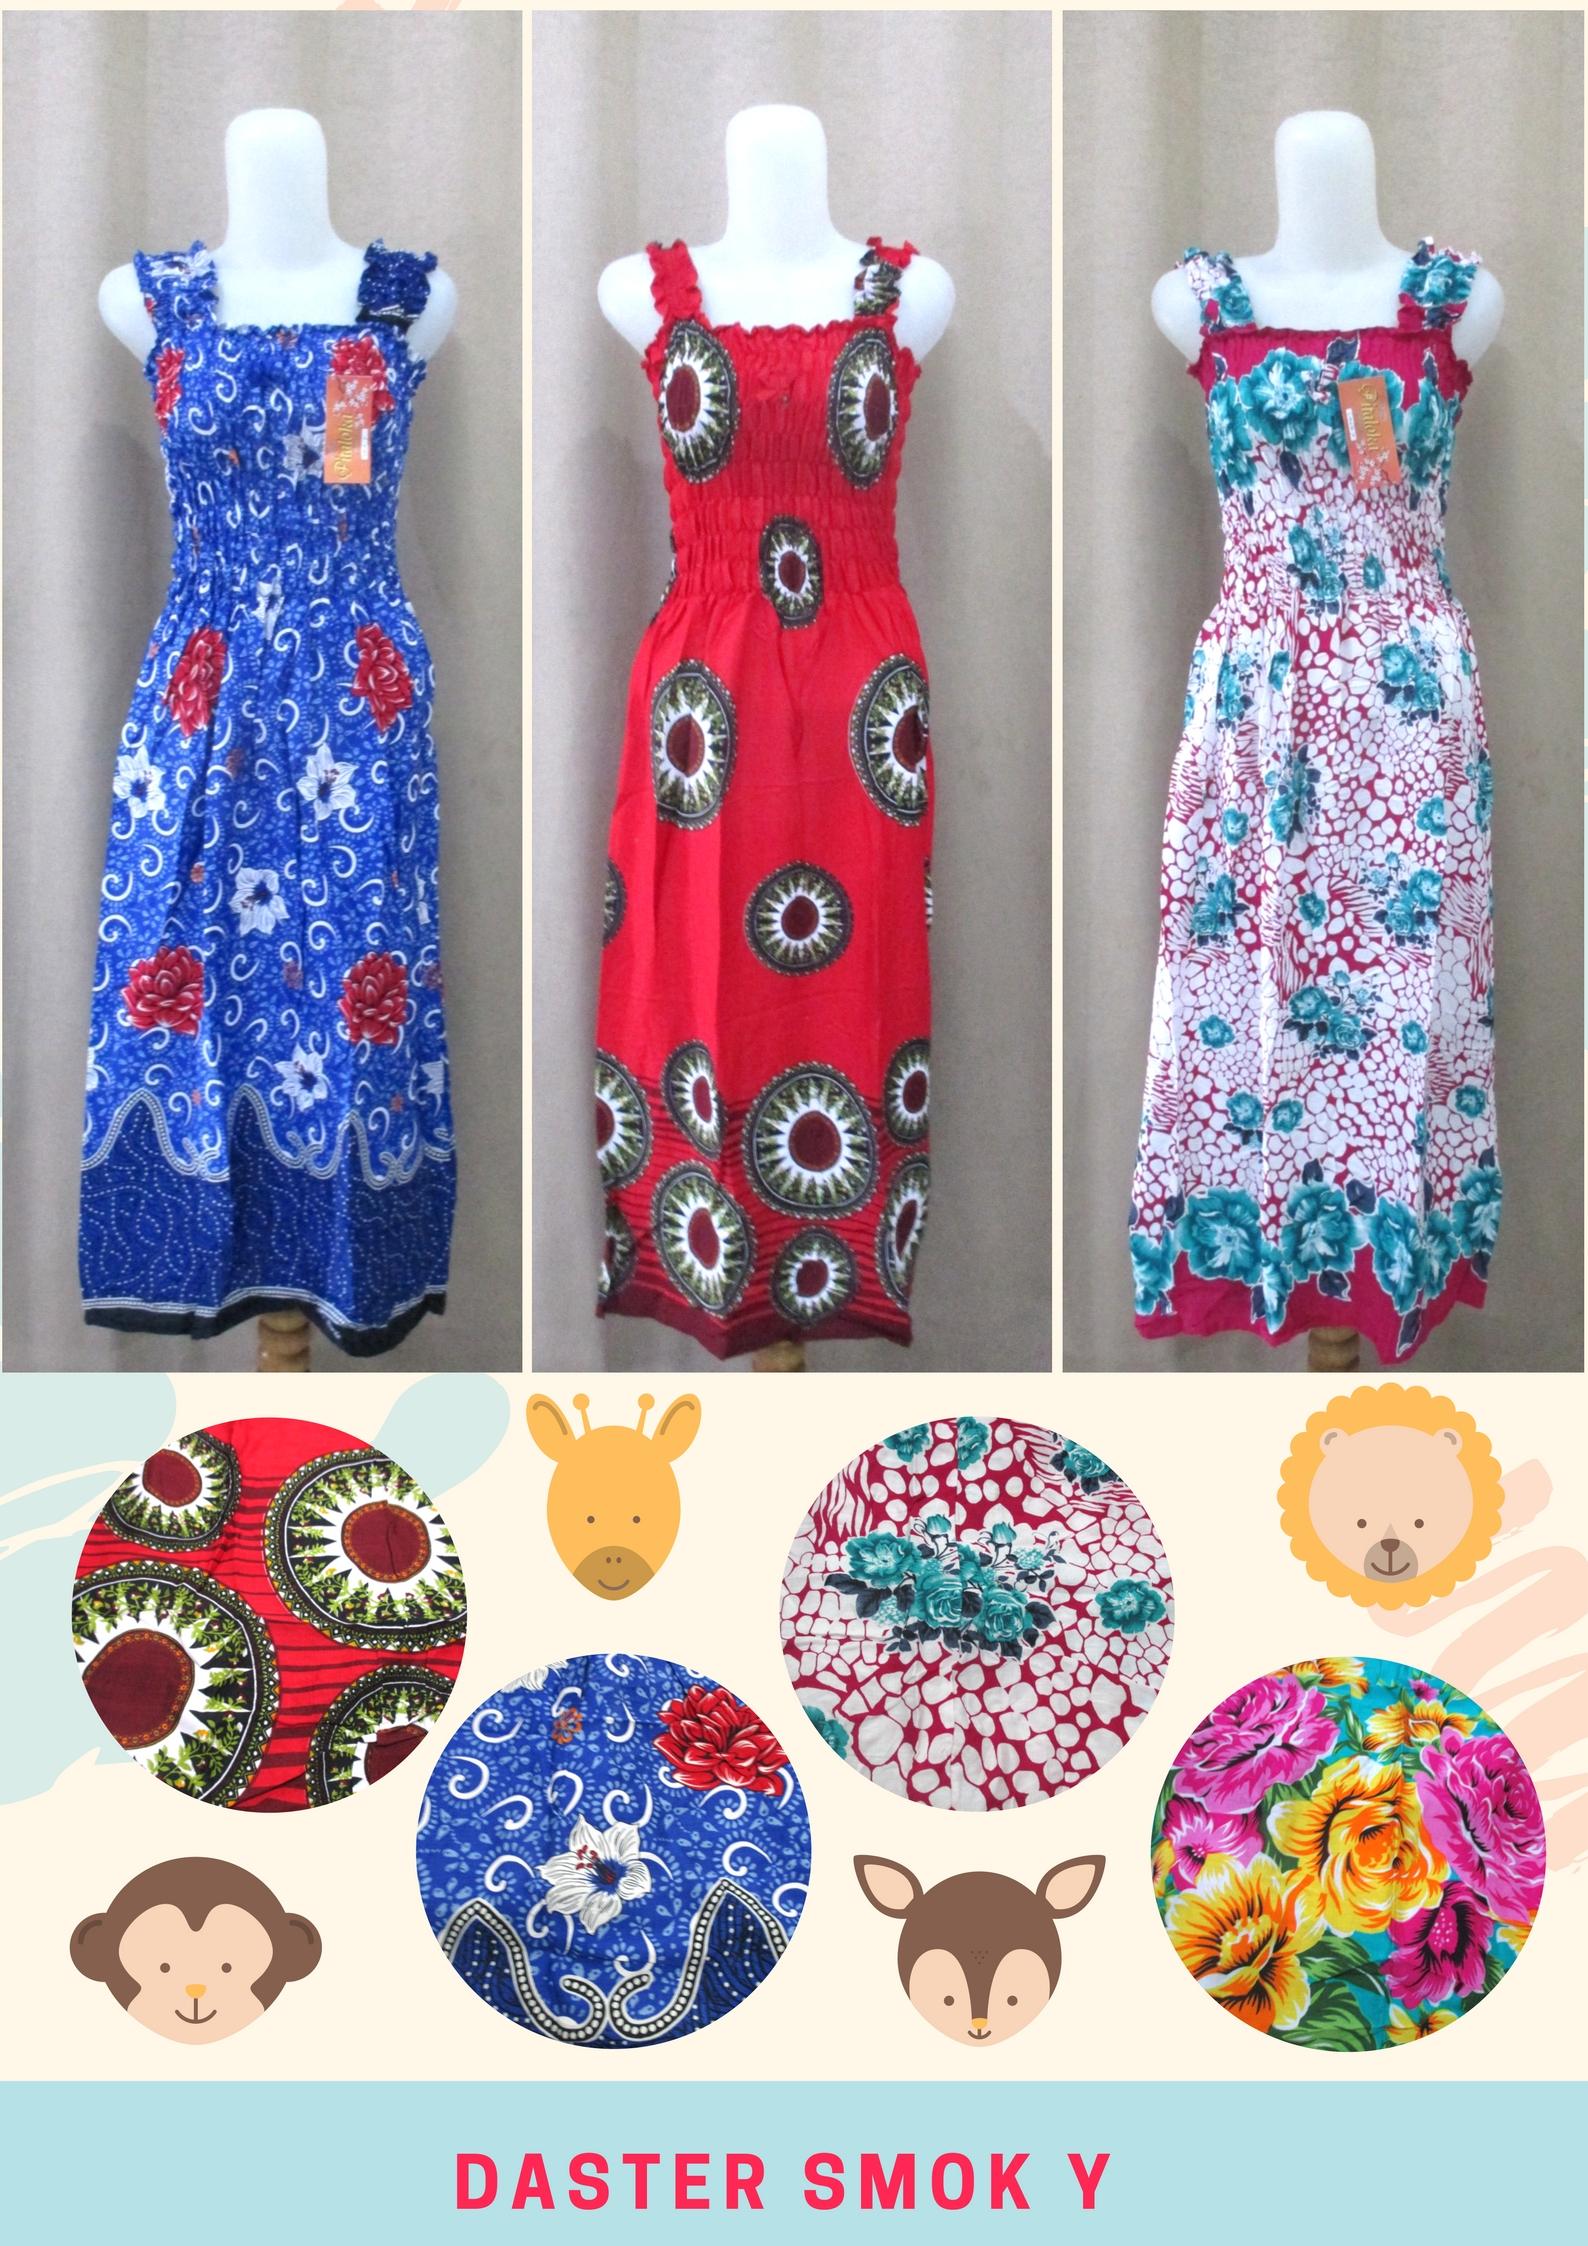 Distributor Daster Batik Solo Murah 18rb Pusat Grosir Daster Smok Y Wanita Dewasa Murah Solo 23Ribu